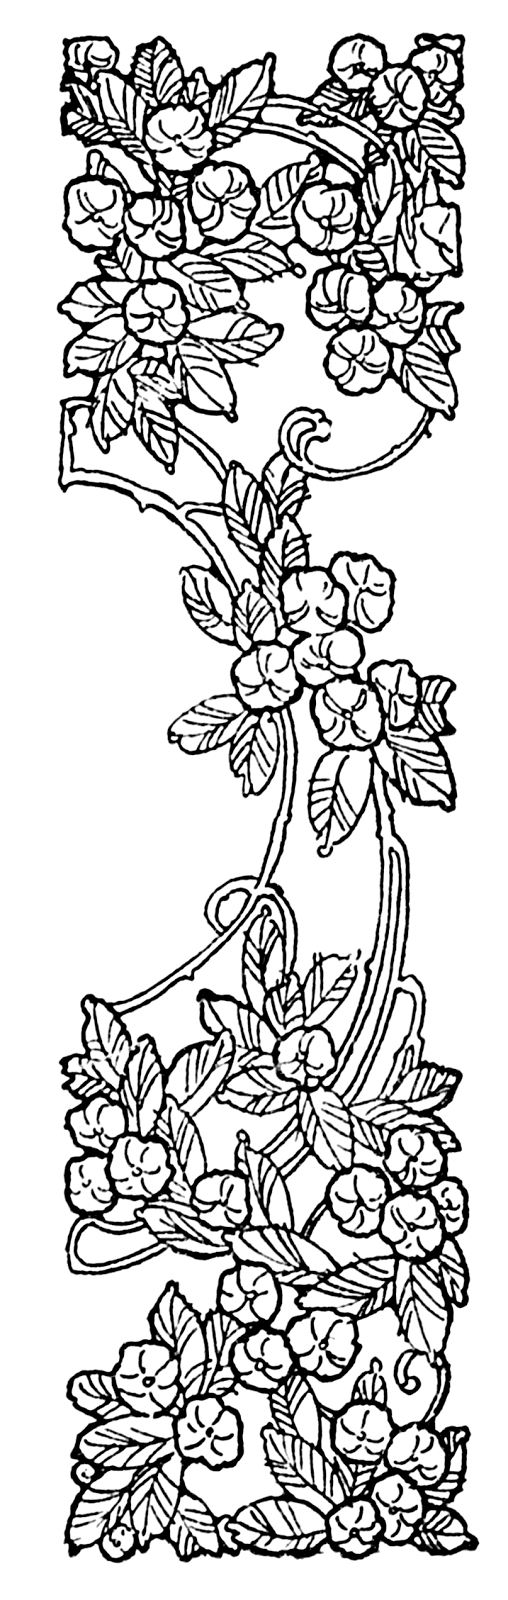 Pretty Art Nouveau Floral Border Clipart - Public Domain | Graphics ...